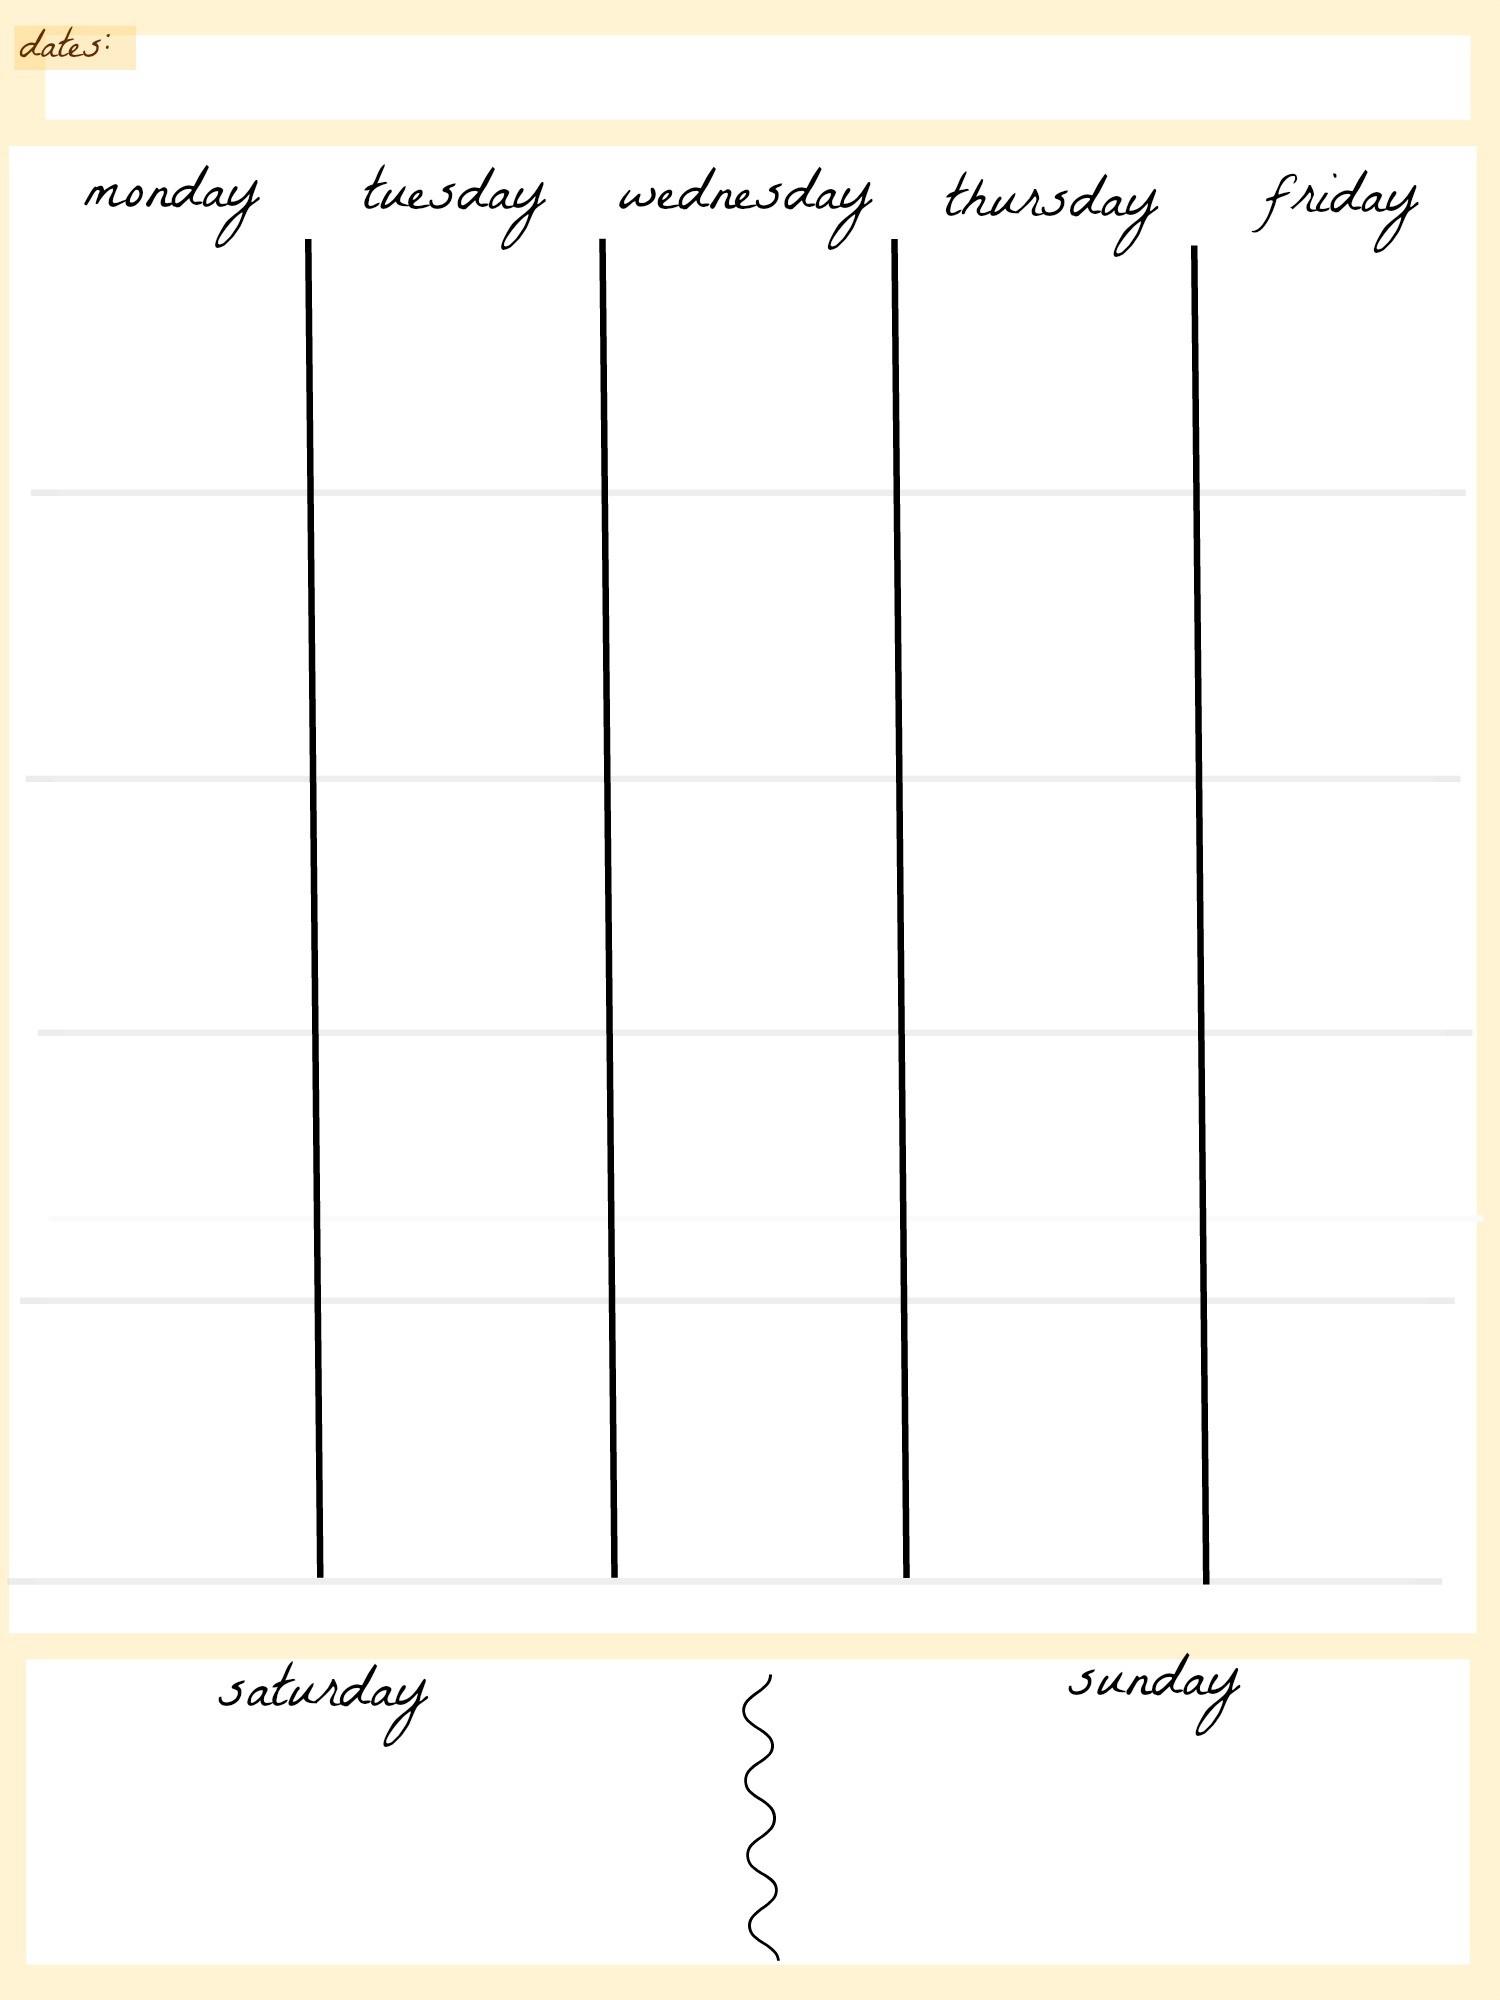 Blank Calendar Template 5 Day Week Weekly Calendar 5 Day Travel Cal1 within 5 Day Blank Calendar Template